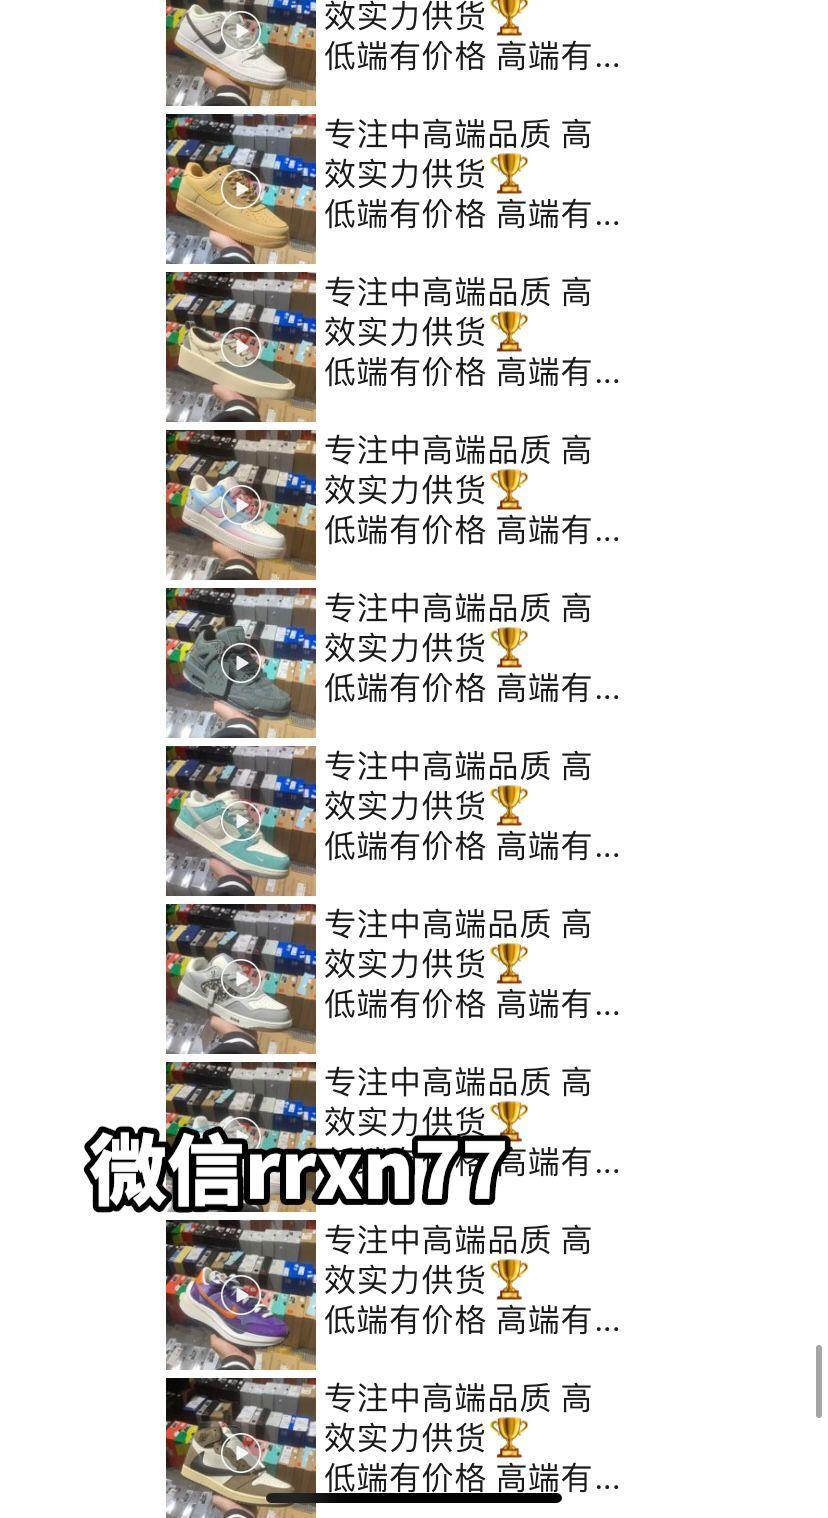 莆田潮鞋工厂货源,高效率代发实体店批发,免费代理